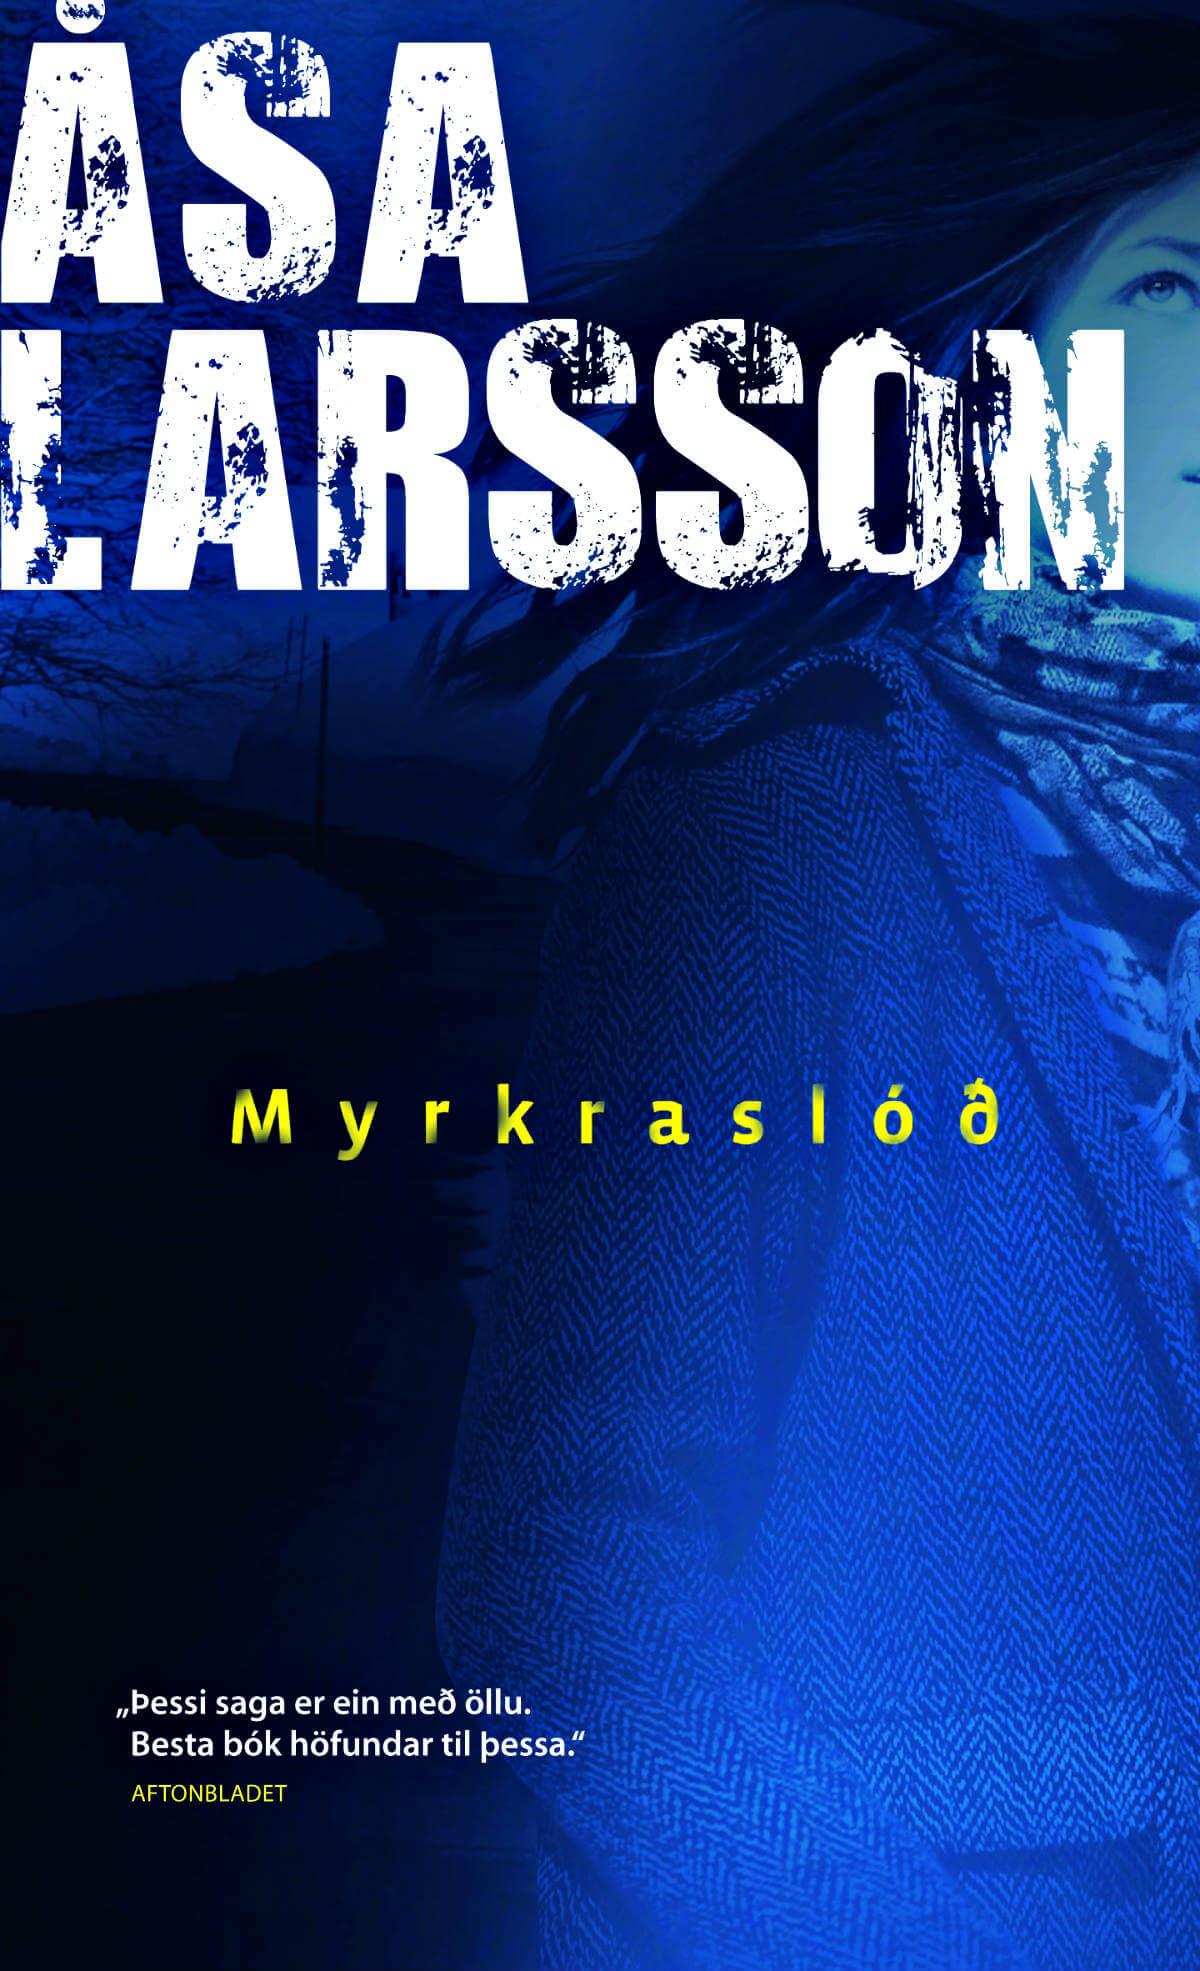 Myrkraslóð eftir Asa Larsson